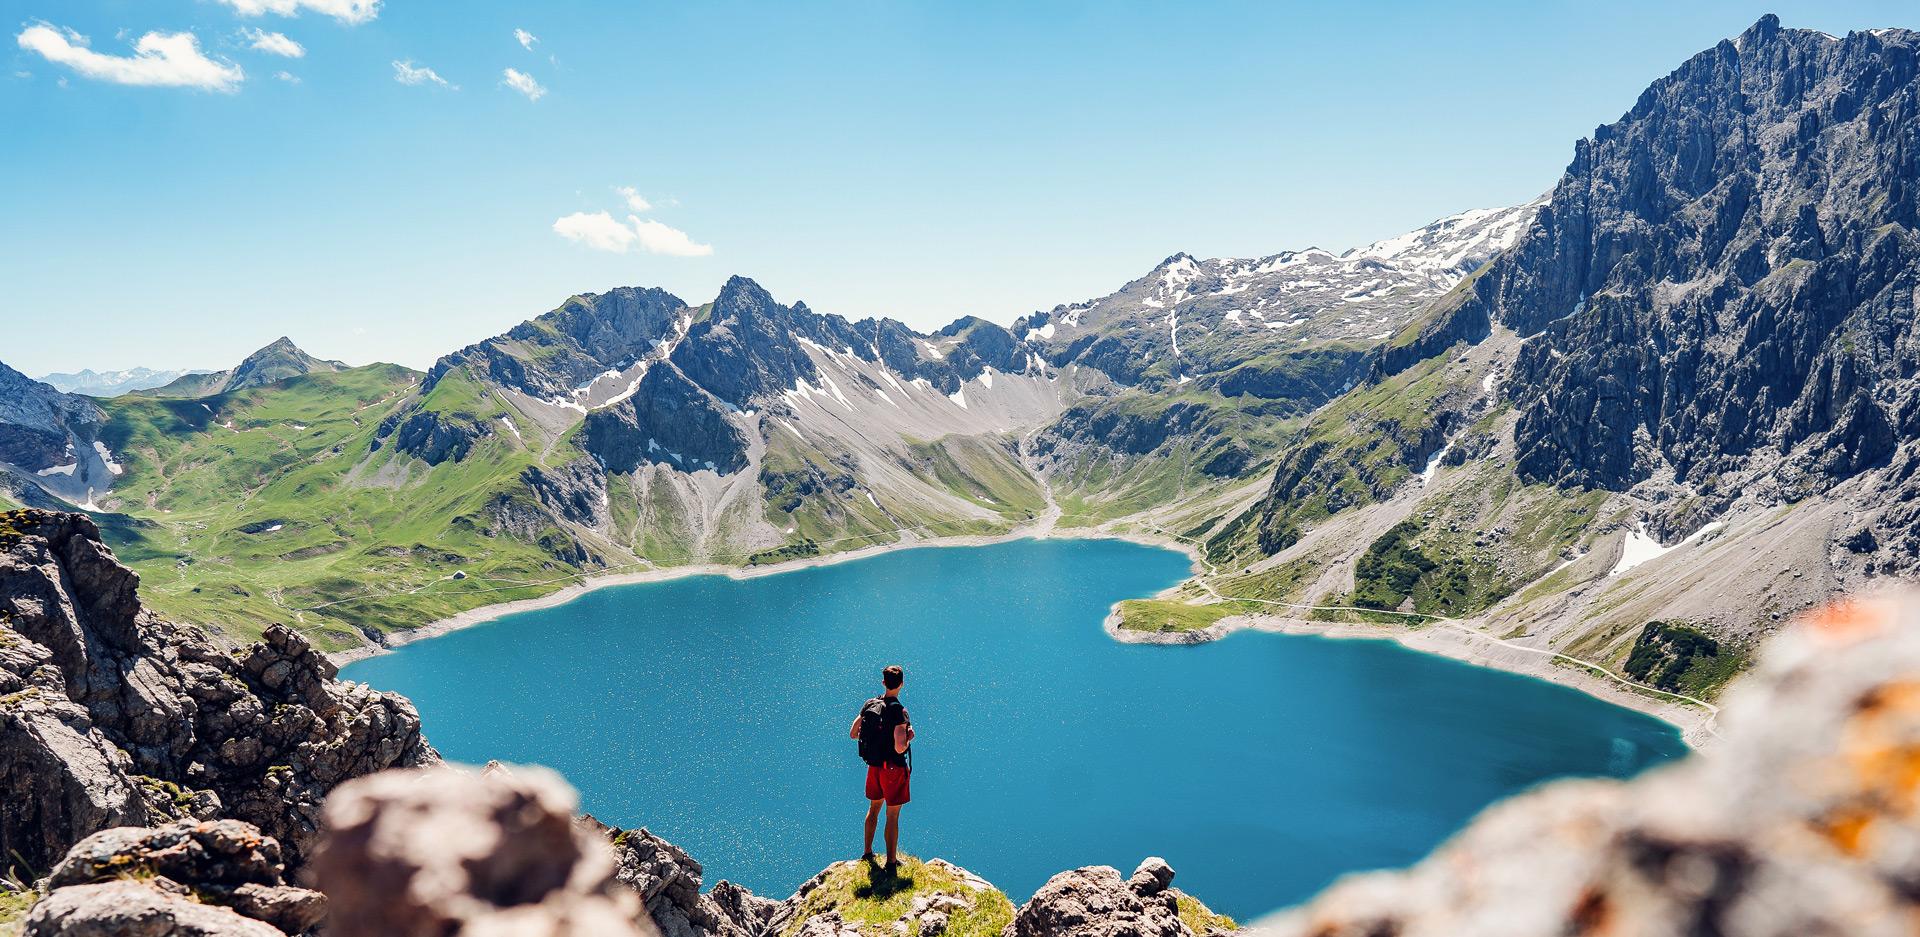 Schweizer Wanderwege | Wanderbegleitung suchen